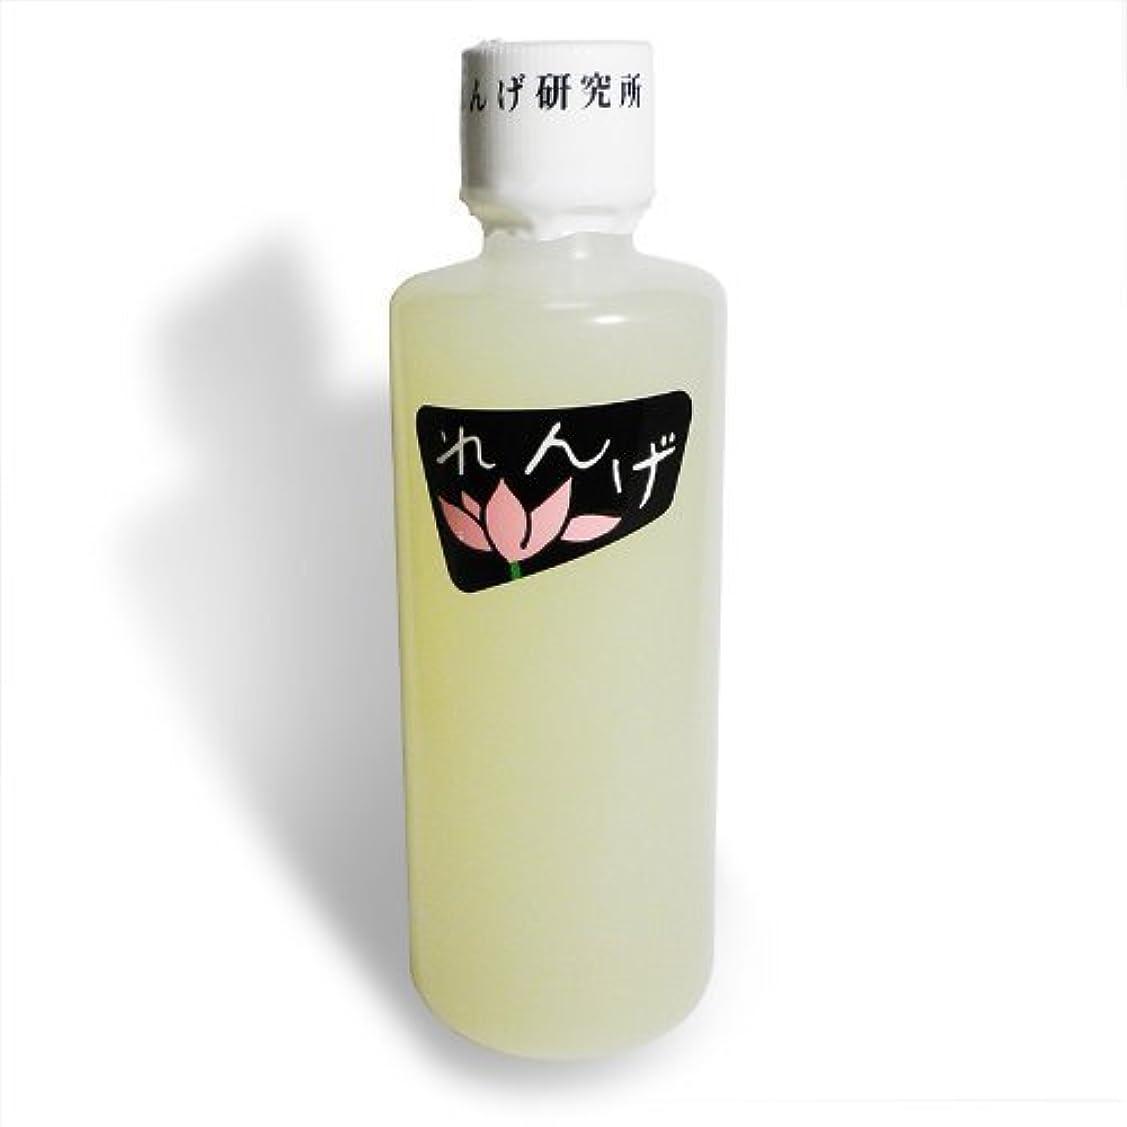 呪い約束するパシフィックれんげ研究所 れんげ化粧水 140cc×6本